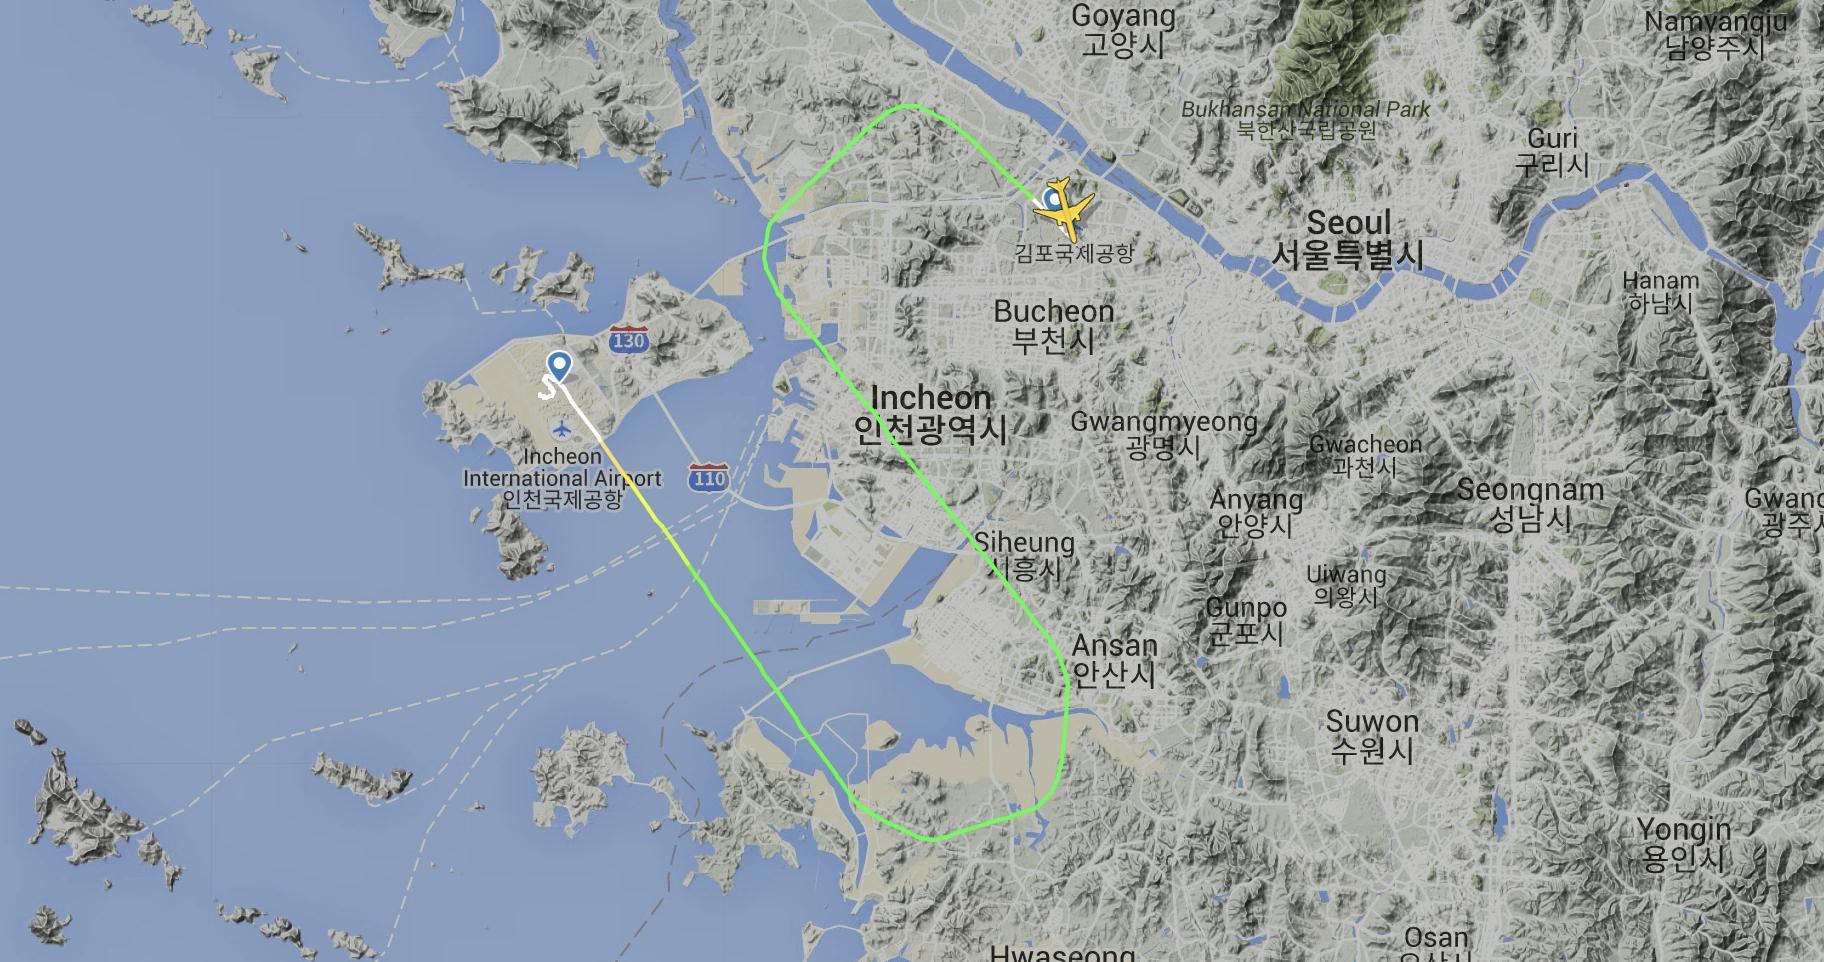 Korean Air very short hop Gimpo Incheon 777 PW4000 engine failure